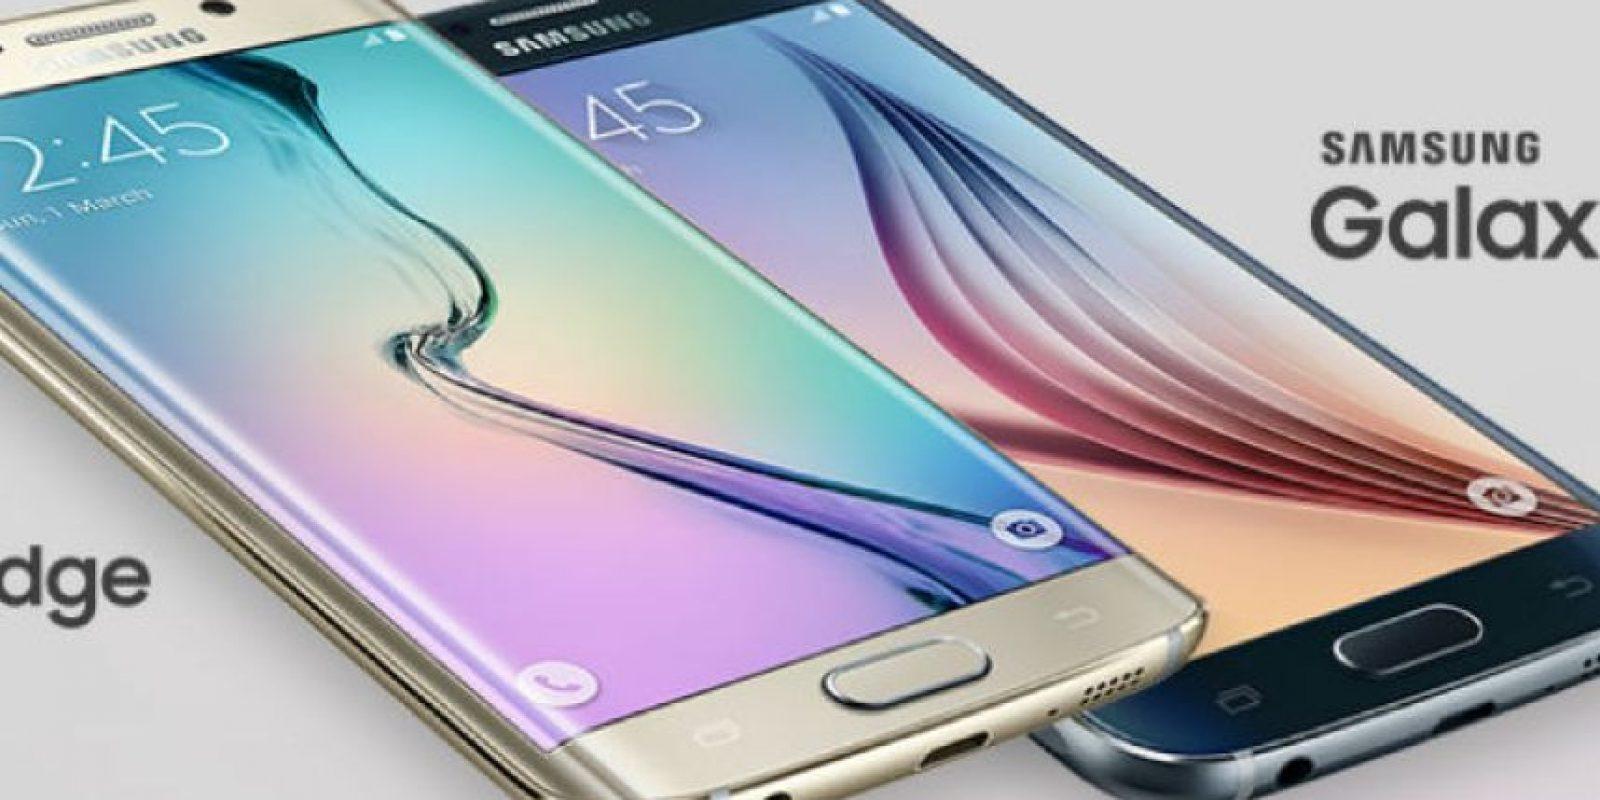 Samsung Galaxy S6 y Samsung Galaxy S6 Edge fueron presentados. Foto:Samsung